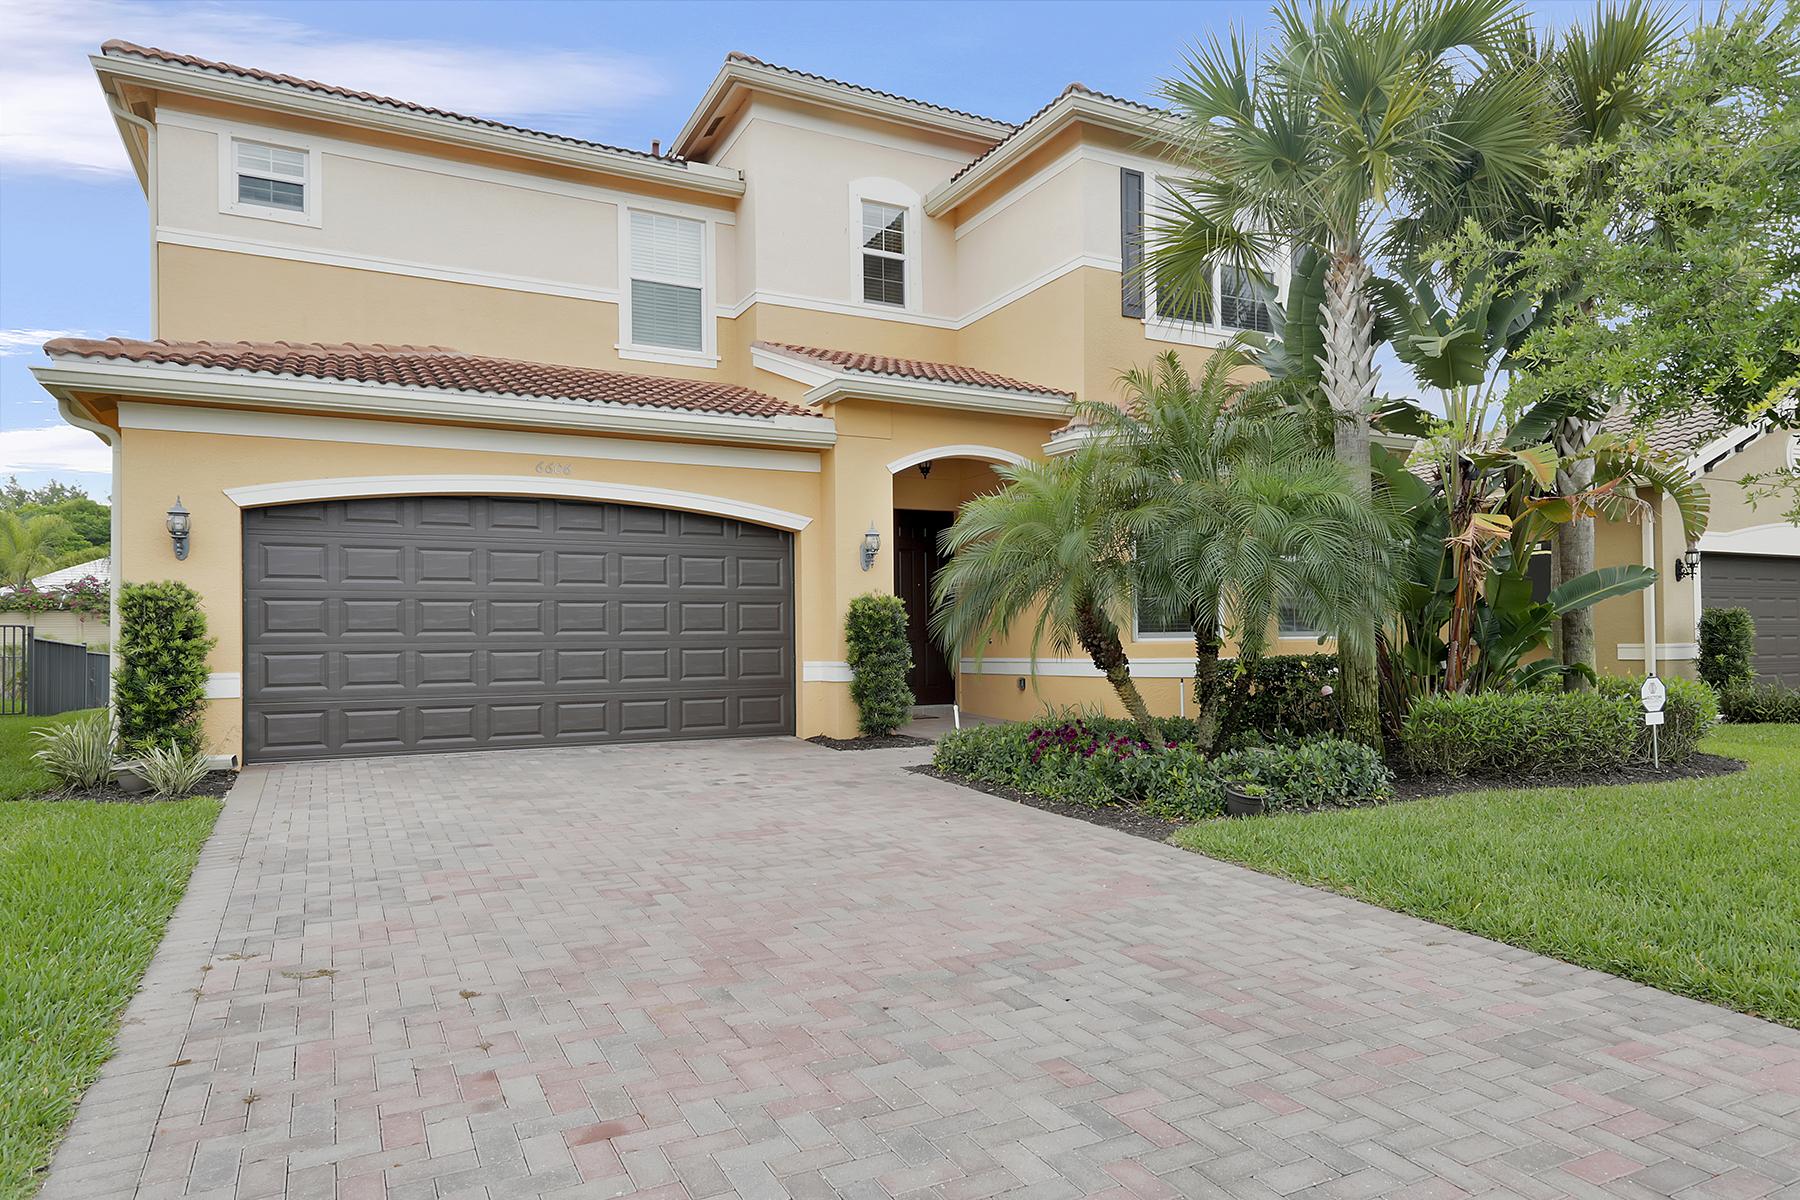 独户住宅 为 销售 在 MARBELLA LAKES 6606 Marbella Dr 那不勒斯, 佛罗里达州, 34105 美国